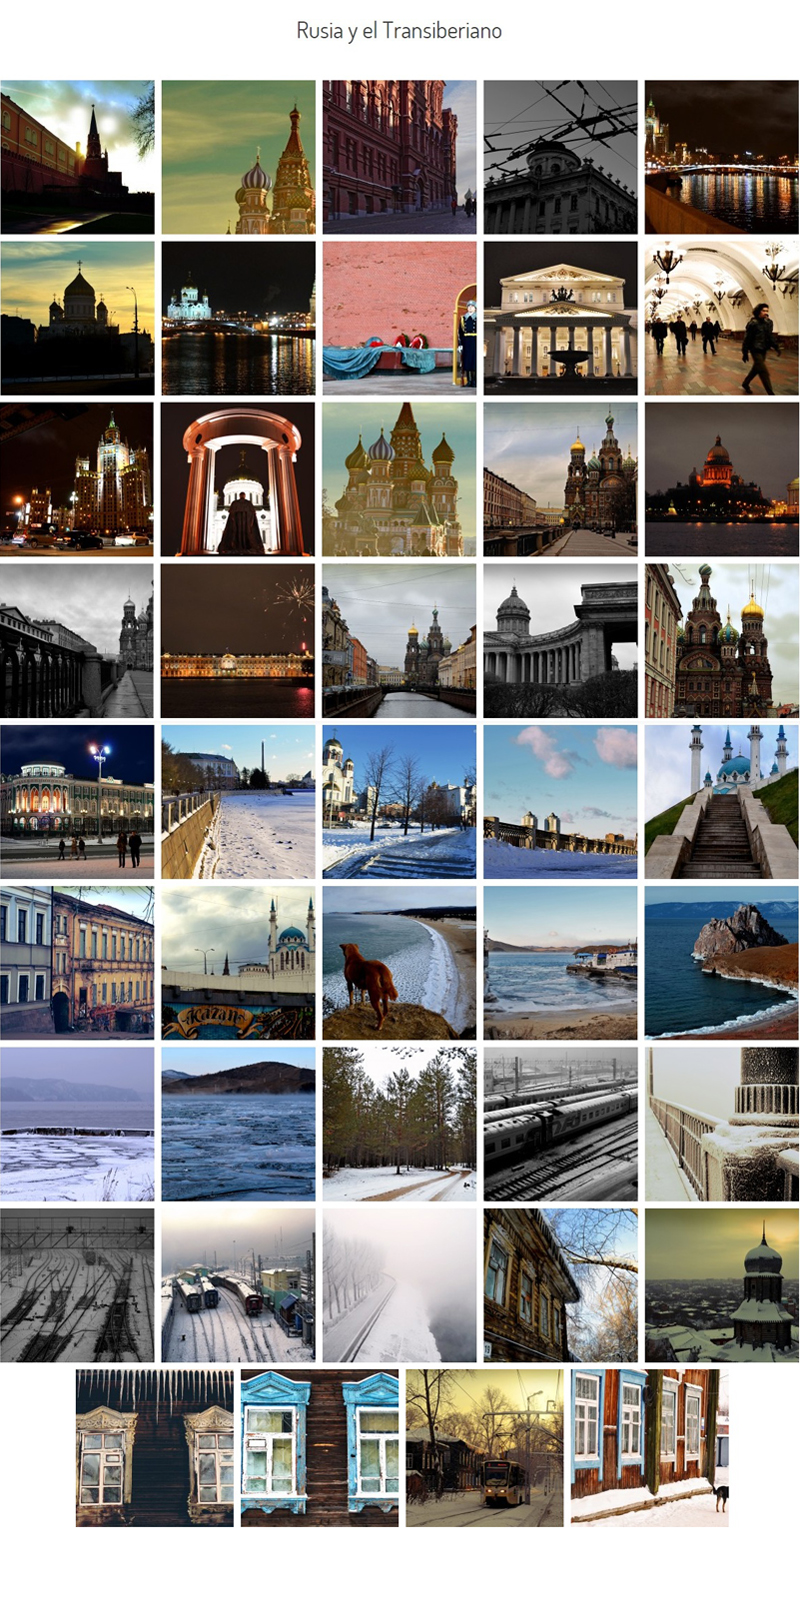 Galería de fotos de Rusia y el Transiberiano